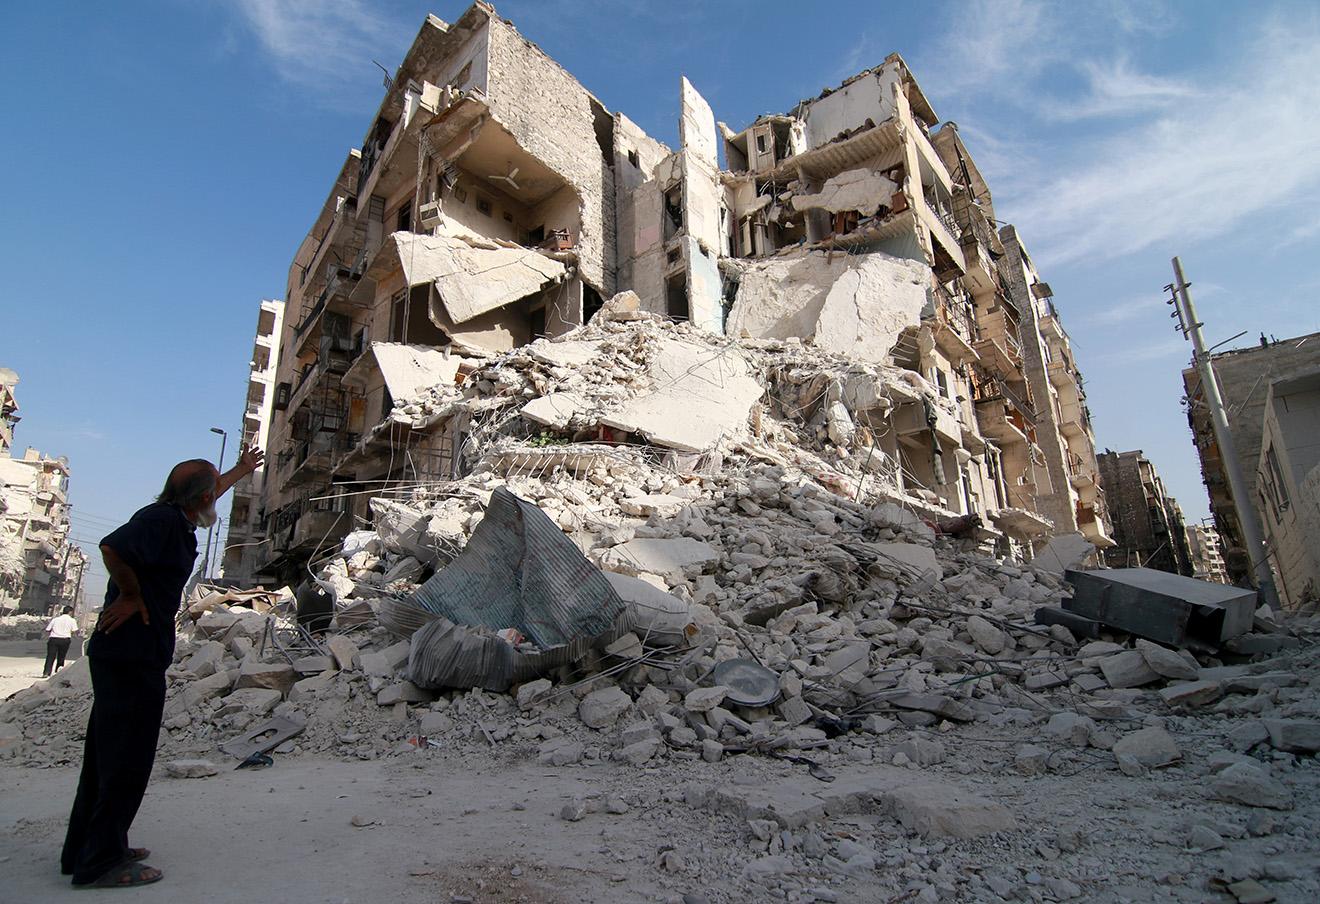 Здание, разрушенное в результате воздушных авиаударов российской армии. Алеппо, 5 октября 2016. Фото: Jawad al Rifai / AFP